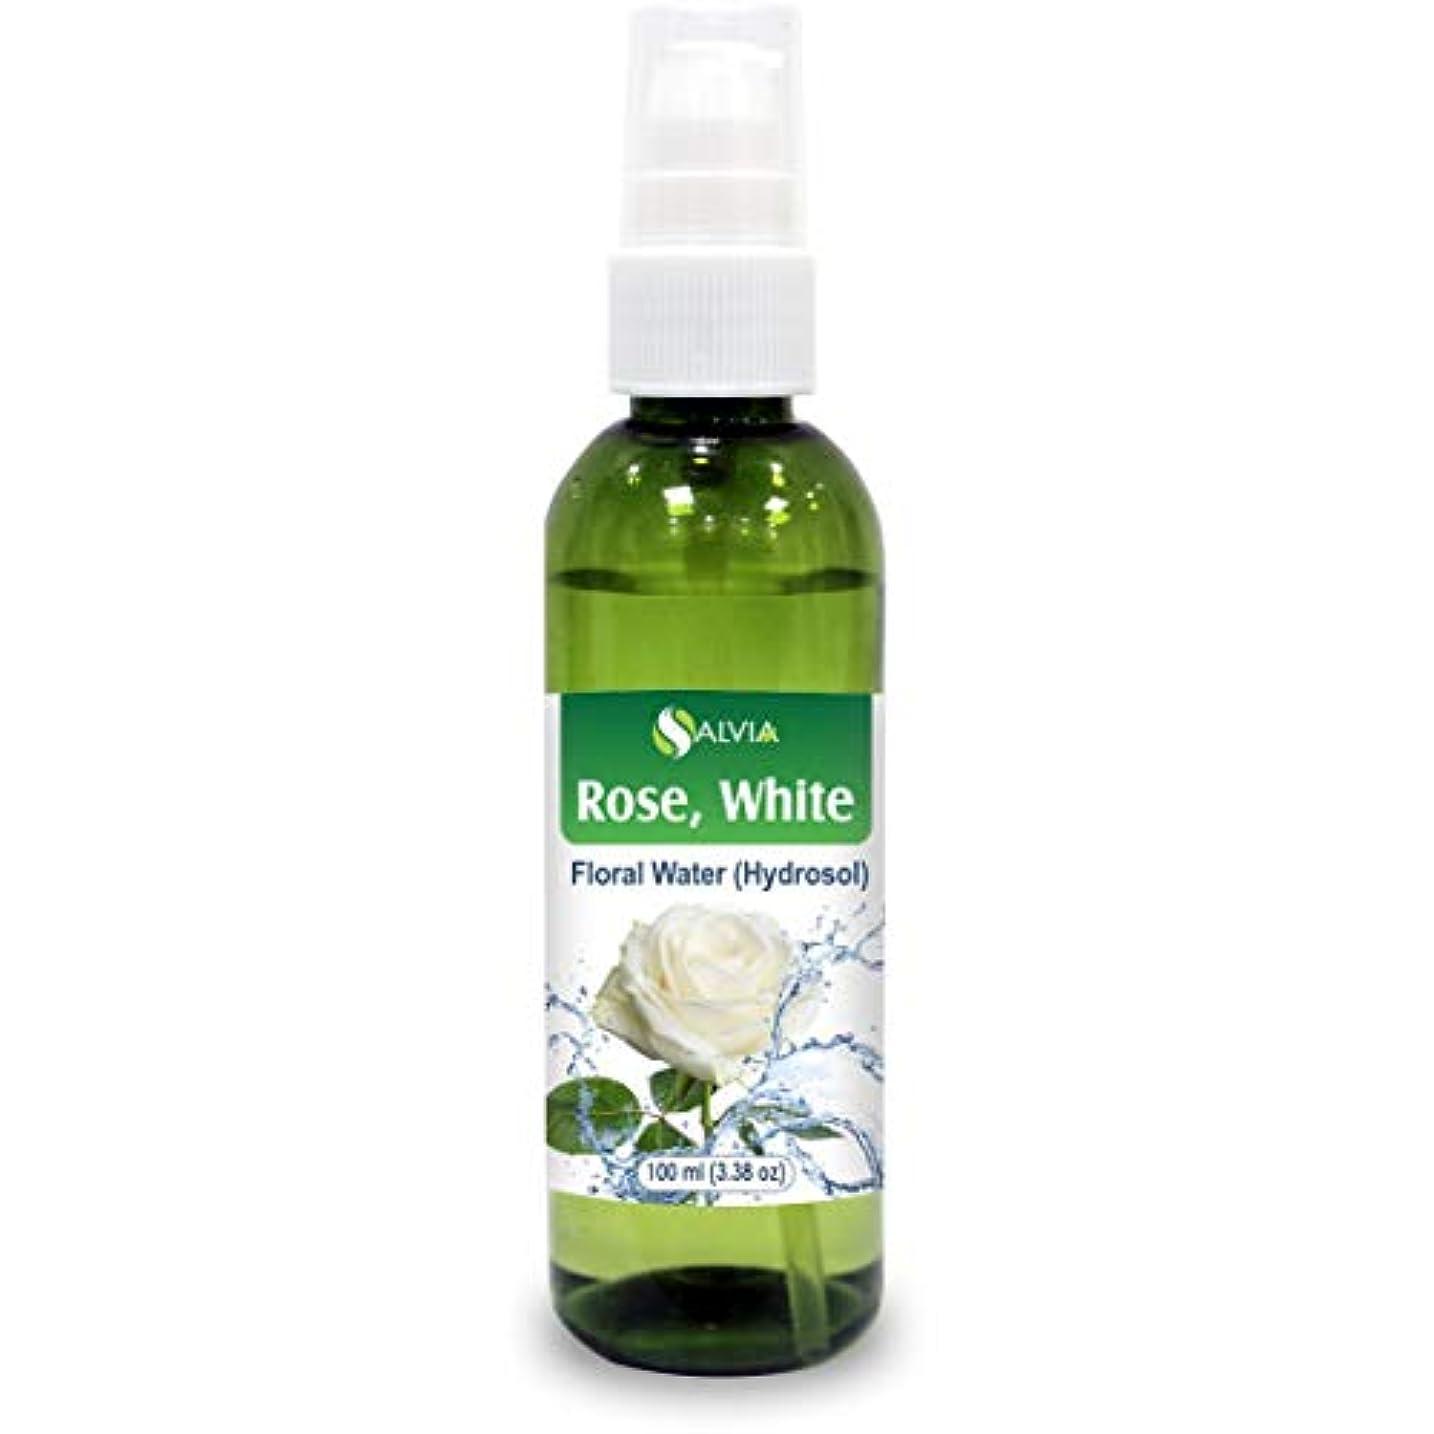 のれん箱露Rose White Floral Water 100ml (Hydrosol) 100% Pure And Natural